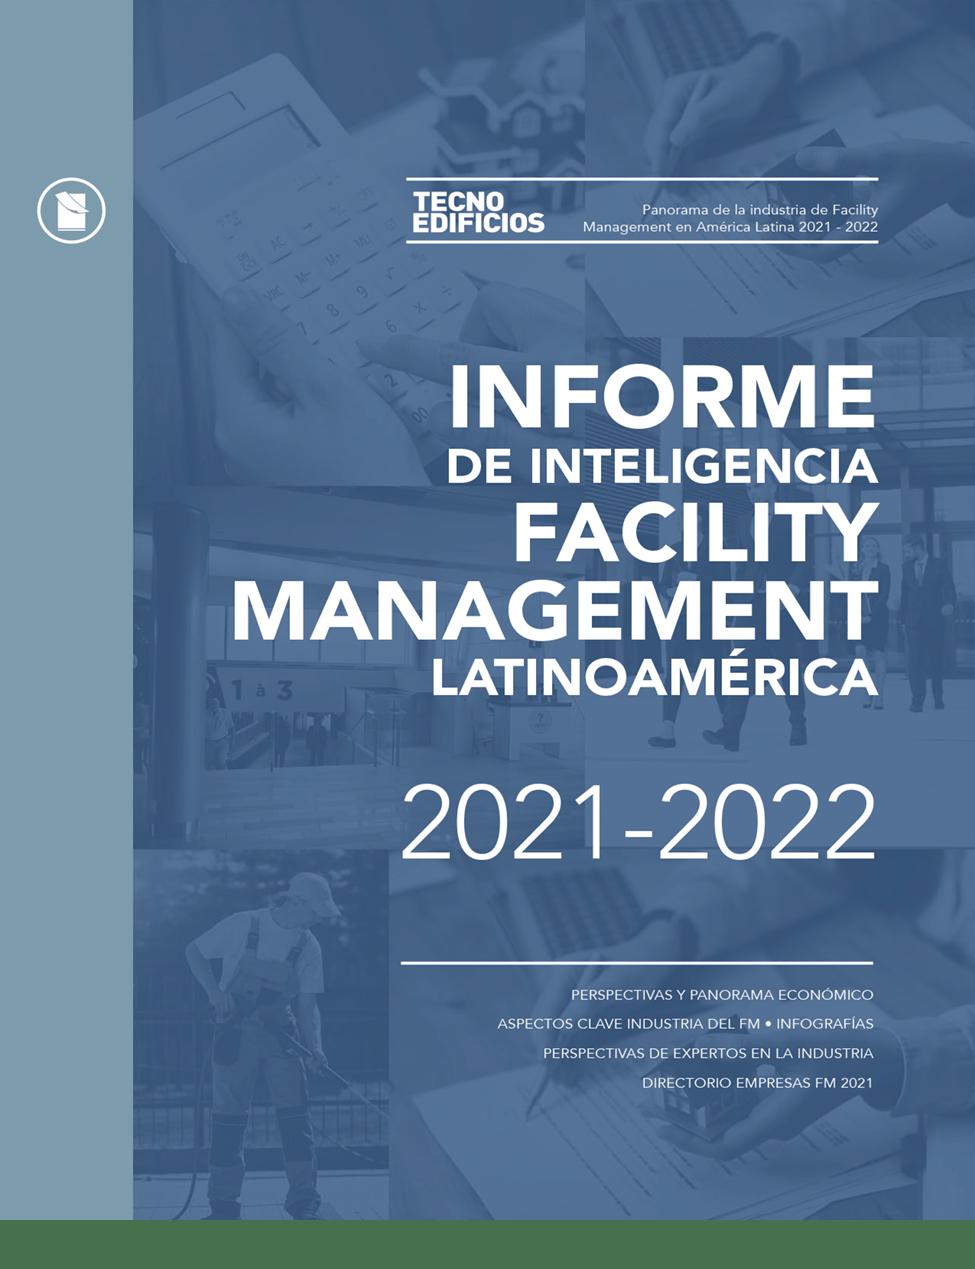 INFORME DE INTELIGENCIA FACILITY MANAGEMENT LATINOAMÉRICA • 2021-2022 Image